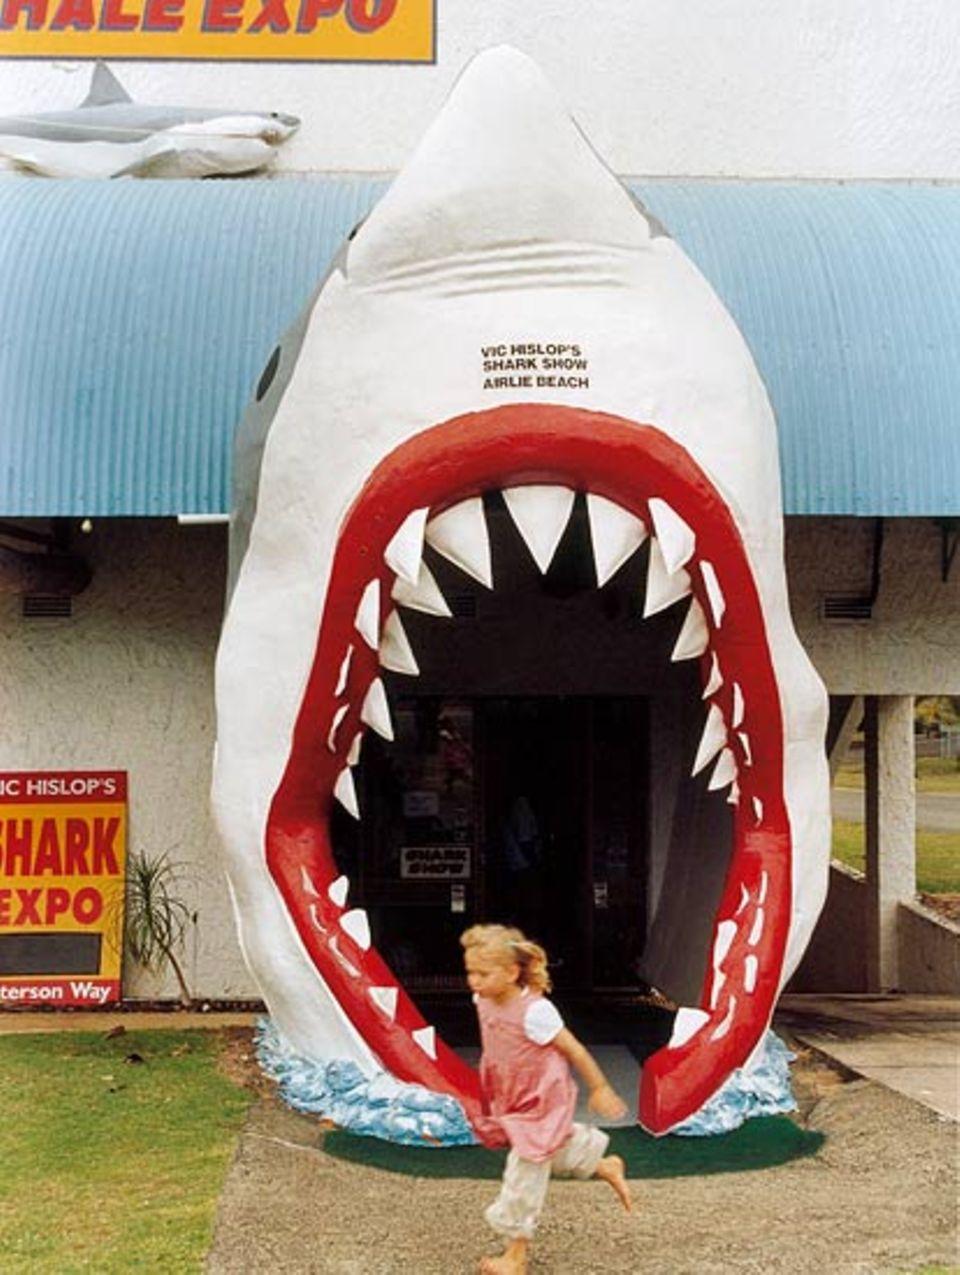 Auf einen Hai trifft Lynn lediglich in der Shark Show von Airlie Beach. Und der hat zwar Zähne, aber beißen kann er nicht